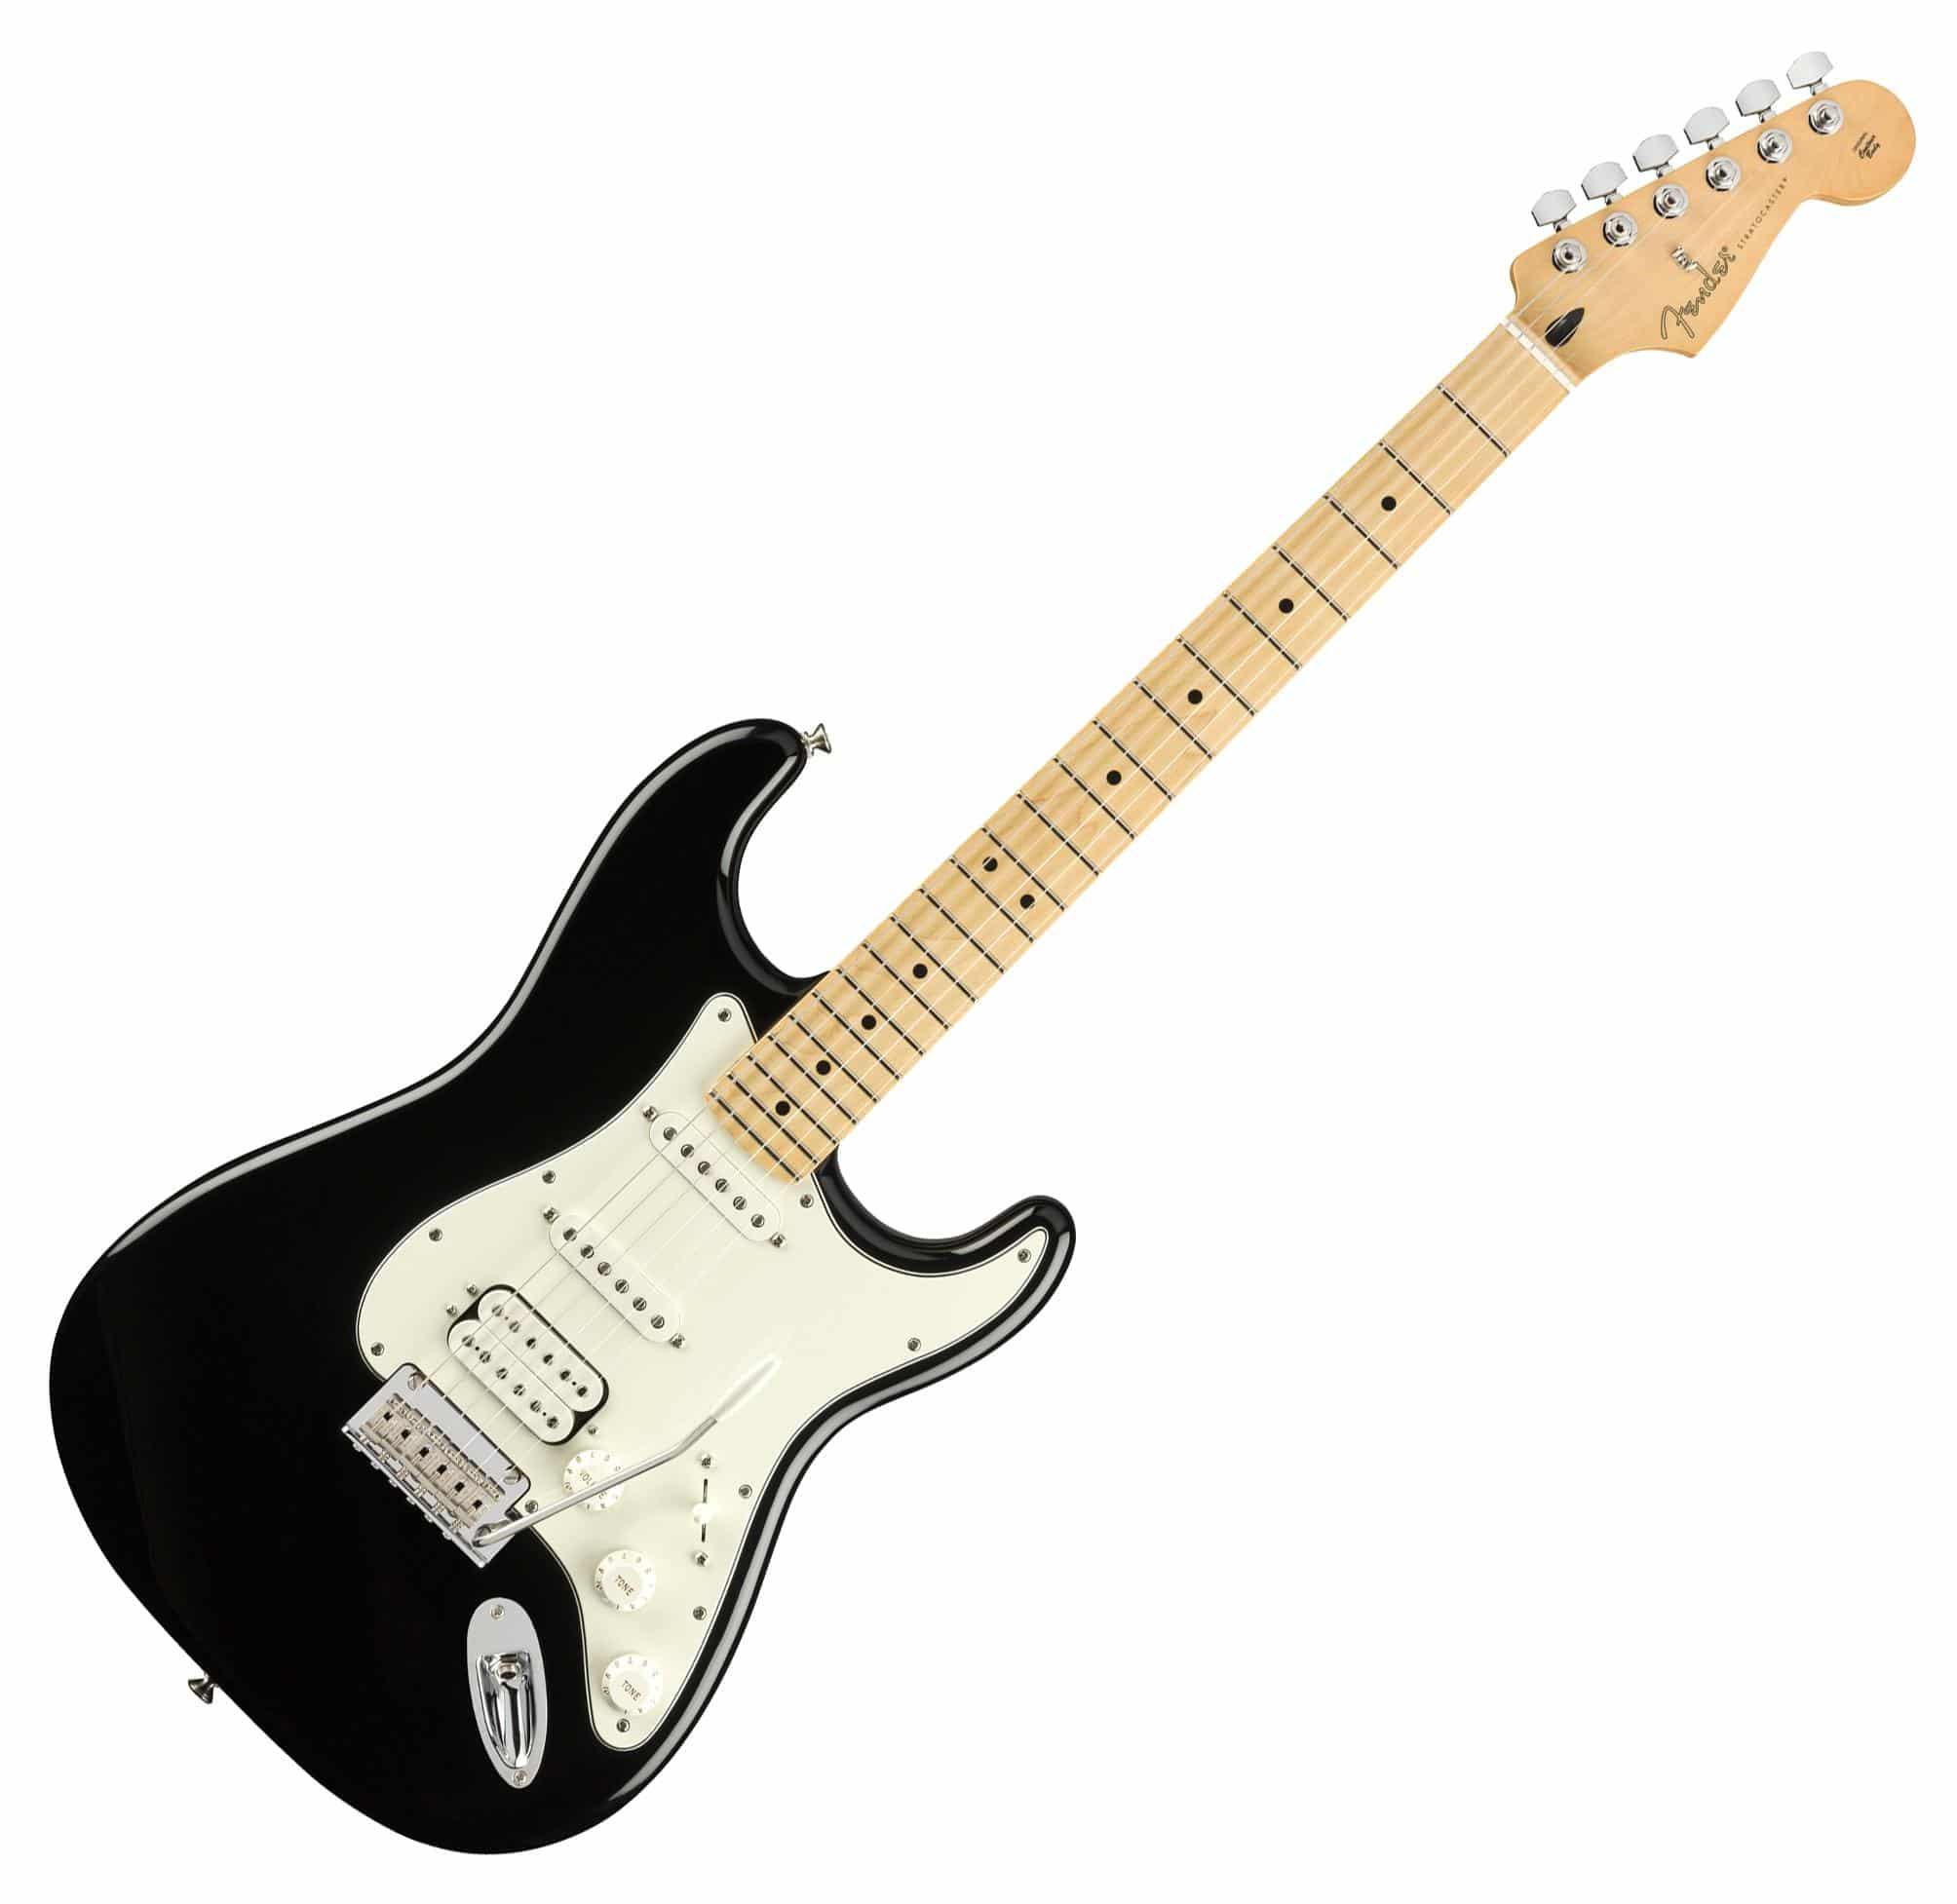 Egitarren - Fender Player Strat HSS MN BLK - Onlineshop Musikhaus Kirstein